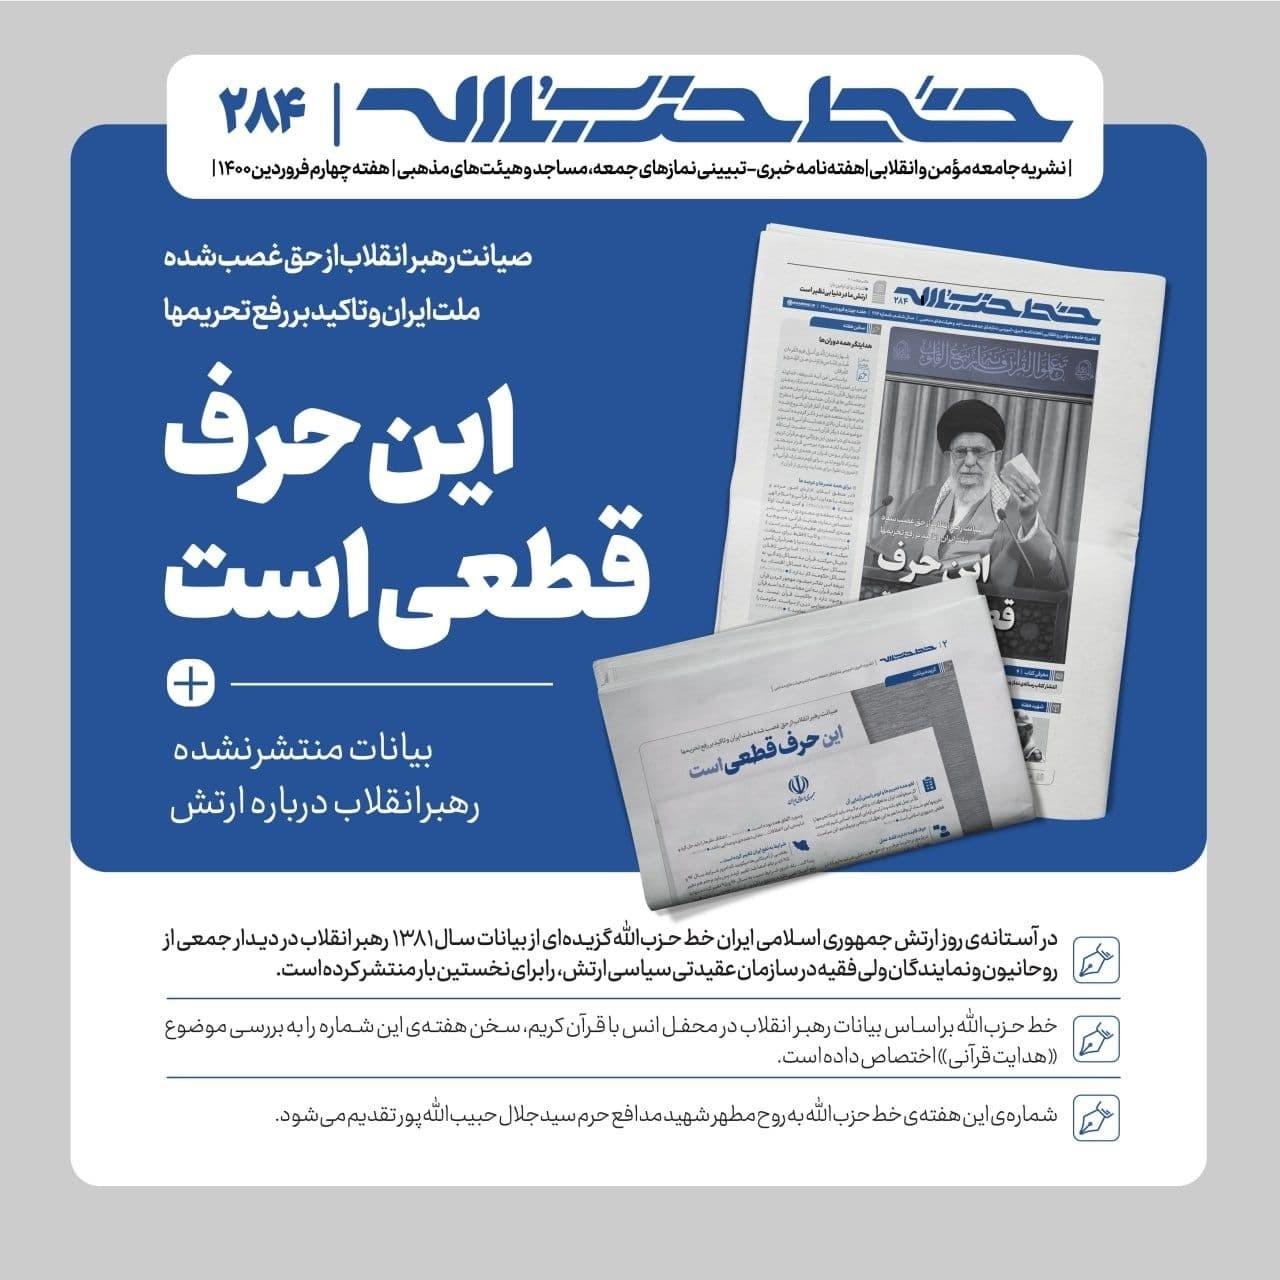 خط حزبالله ۲۸۴ | این حرف قطعی است